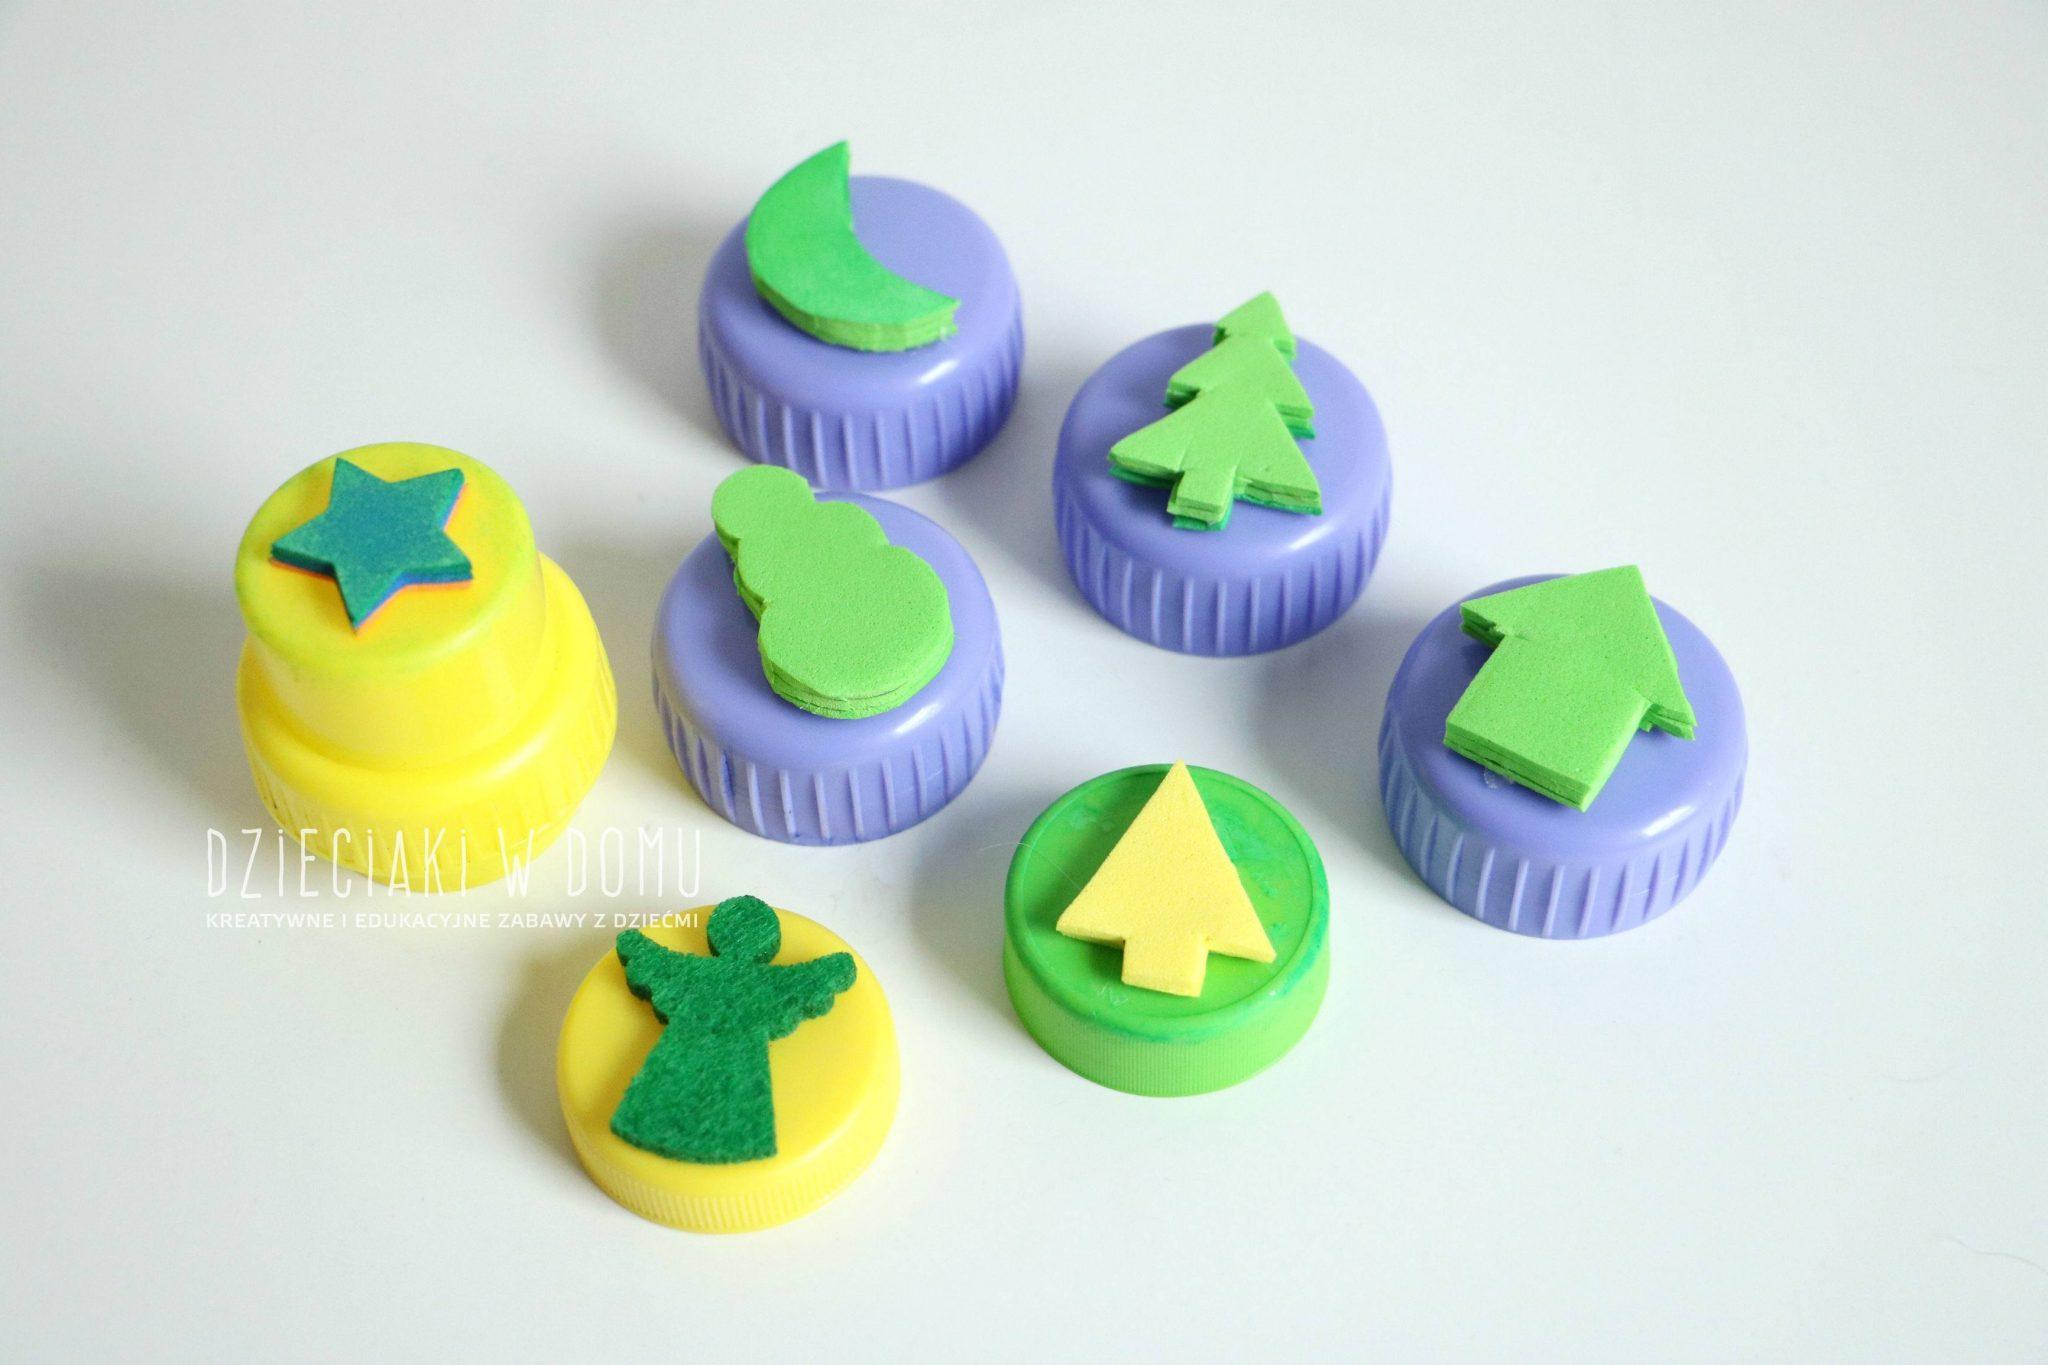 Stempeki dla dzieci zrobione z nakrętek domowym sposobem DIY - zestaw świąteczny